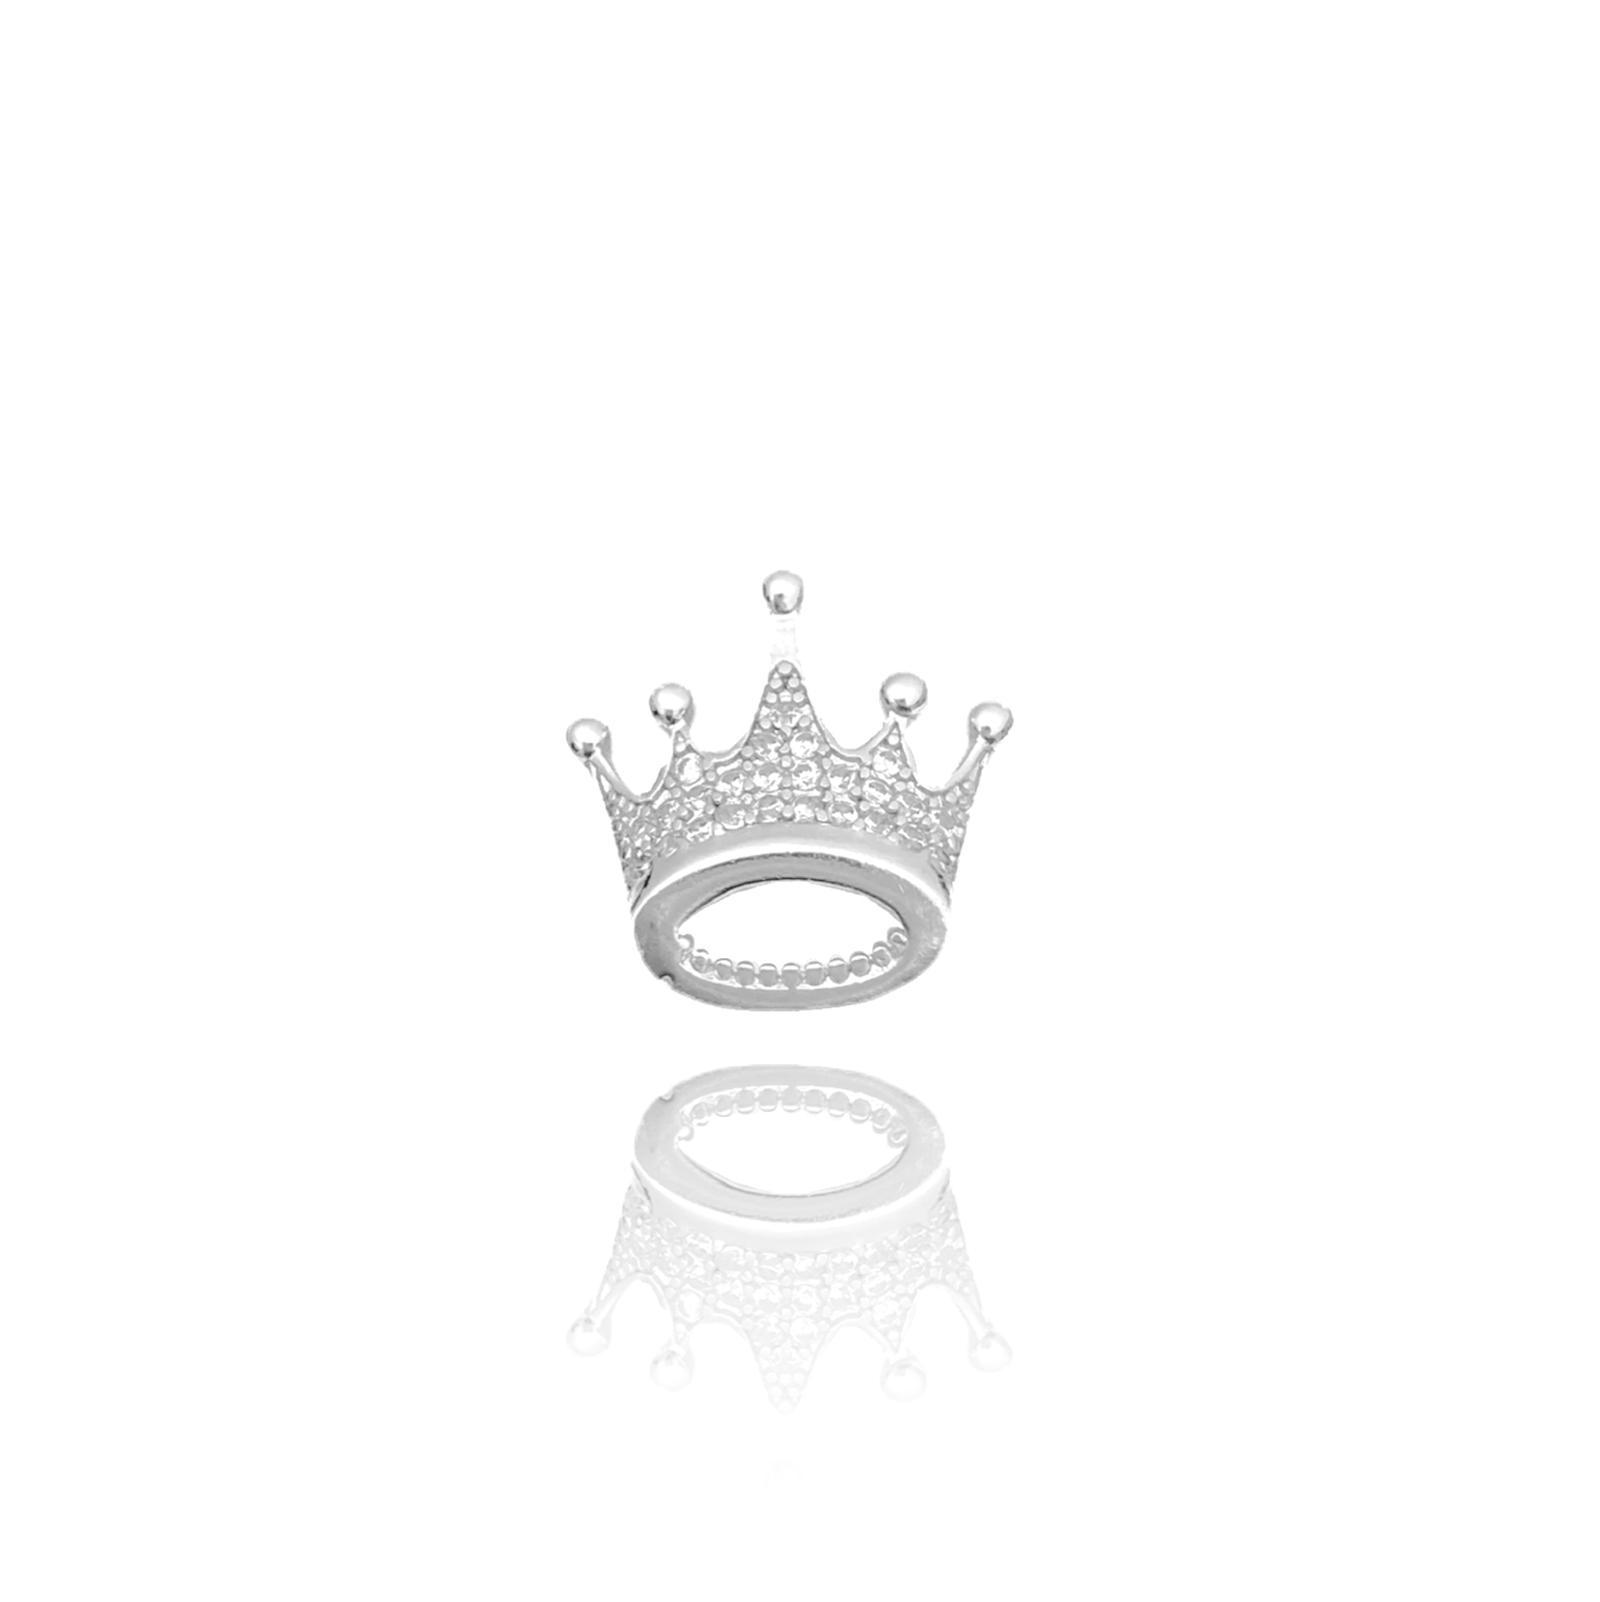 Pingente Coroa Cravejado em Zircônia (Banho Prata 925)